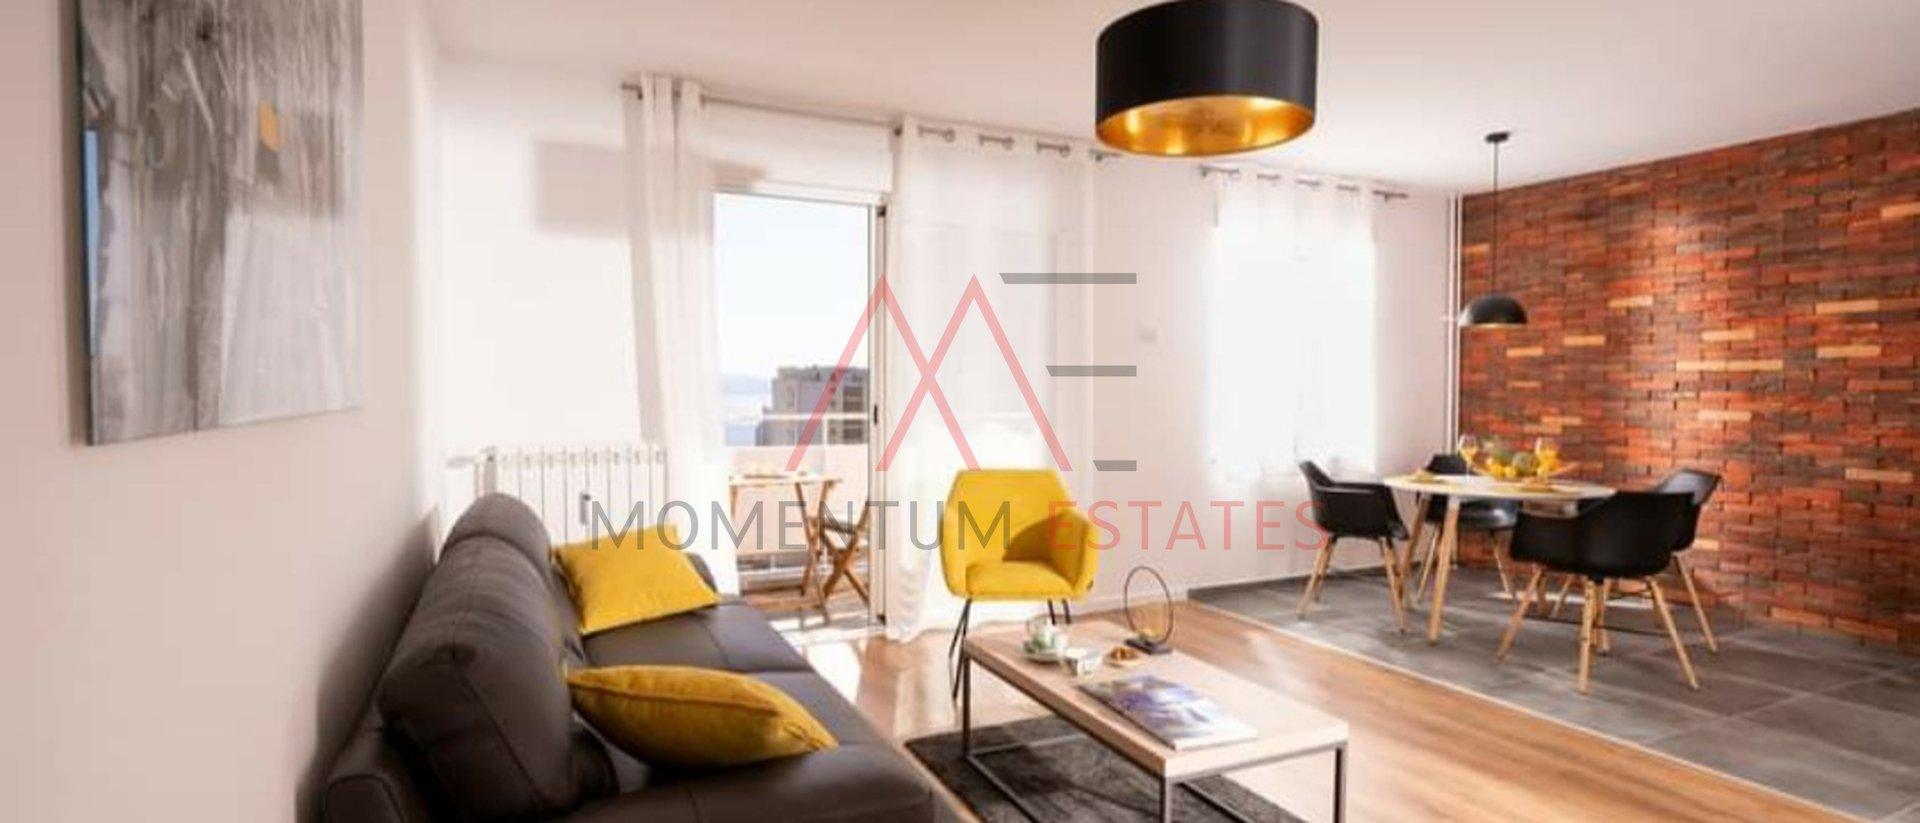 Appartamento, 68 m2, Affitto, Rijeka - Gornja Vežica